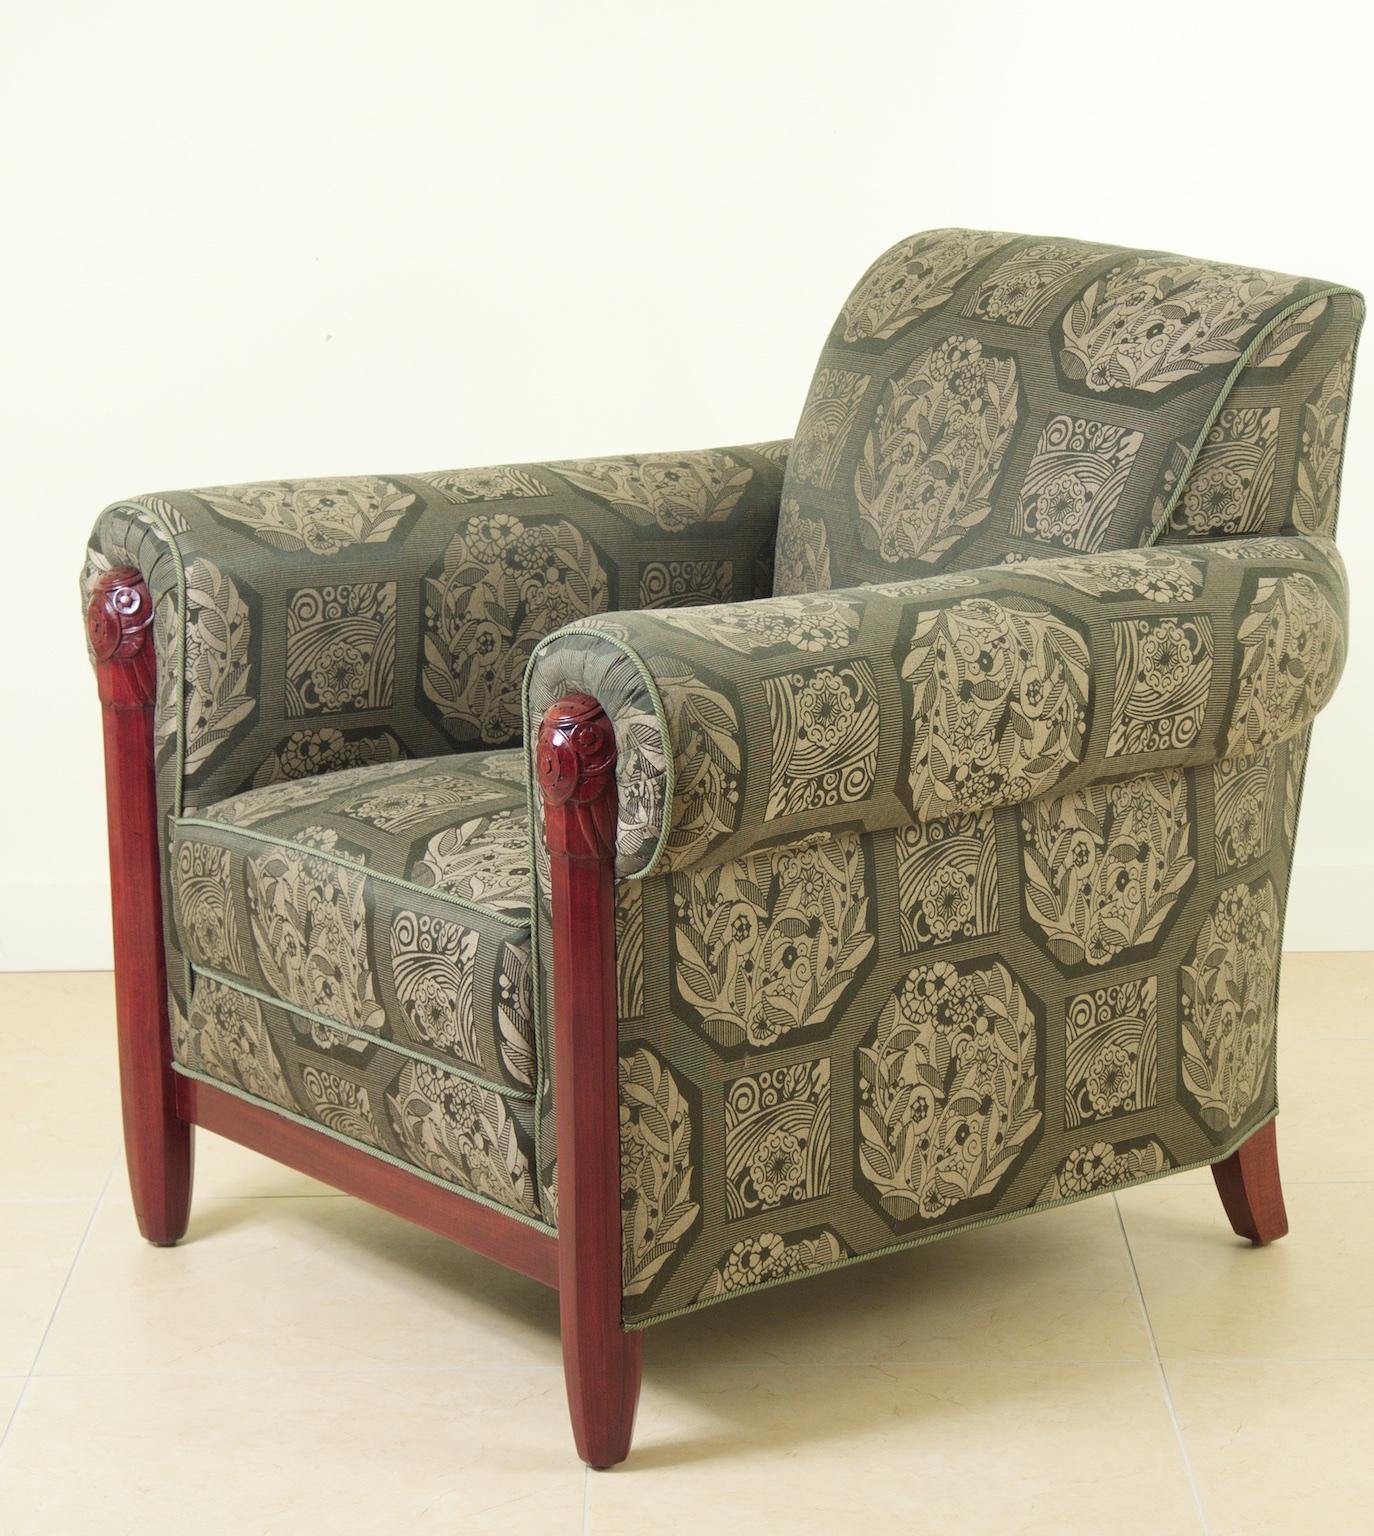 Dufrene+purple+heart+club+chairs+3.jpg